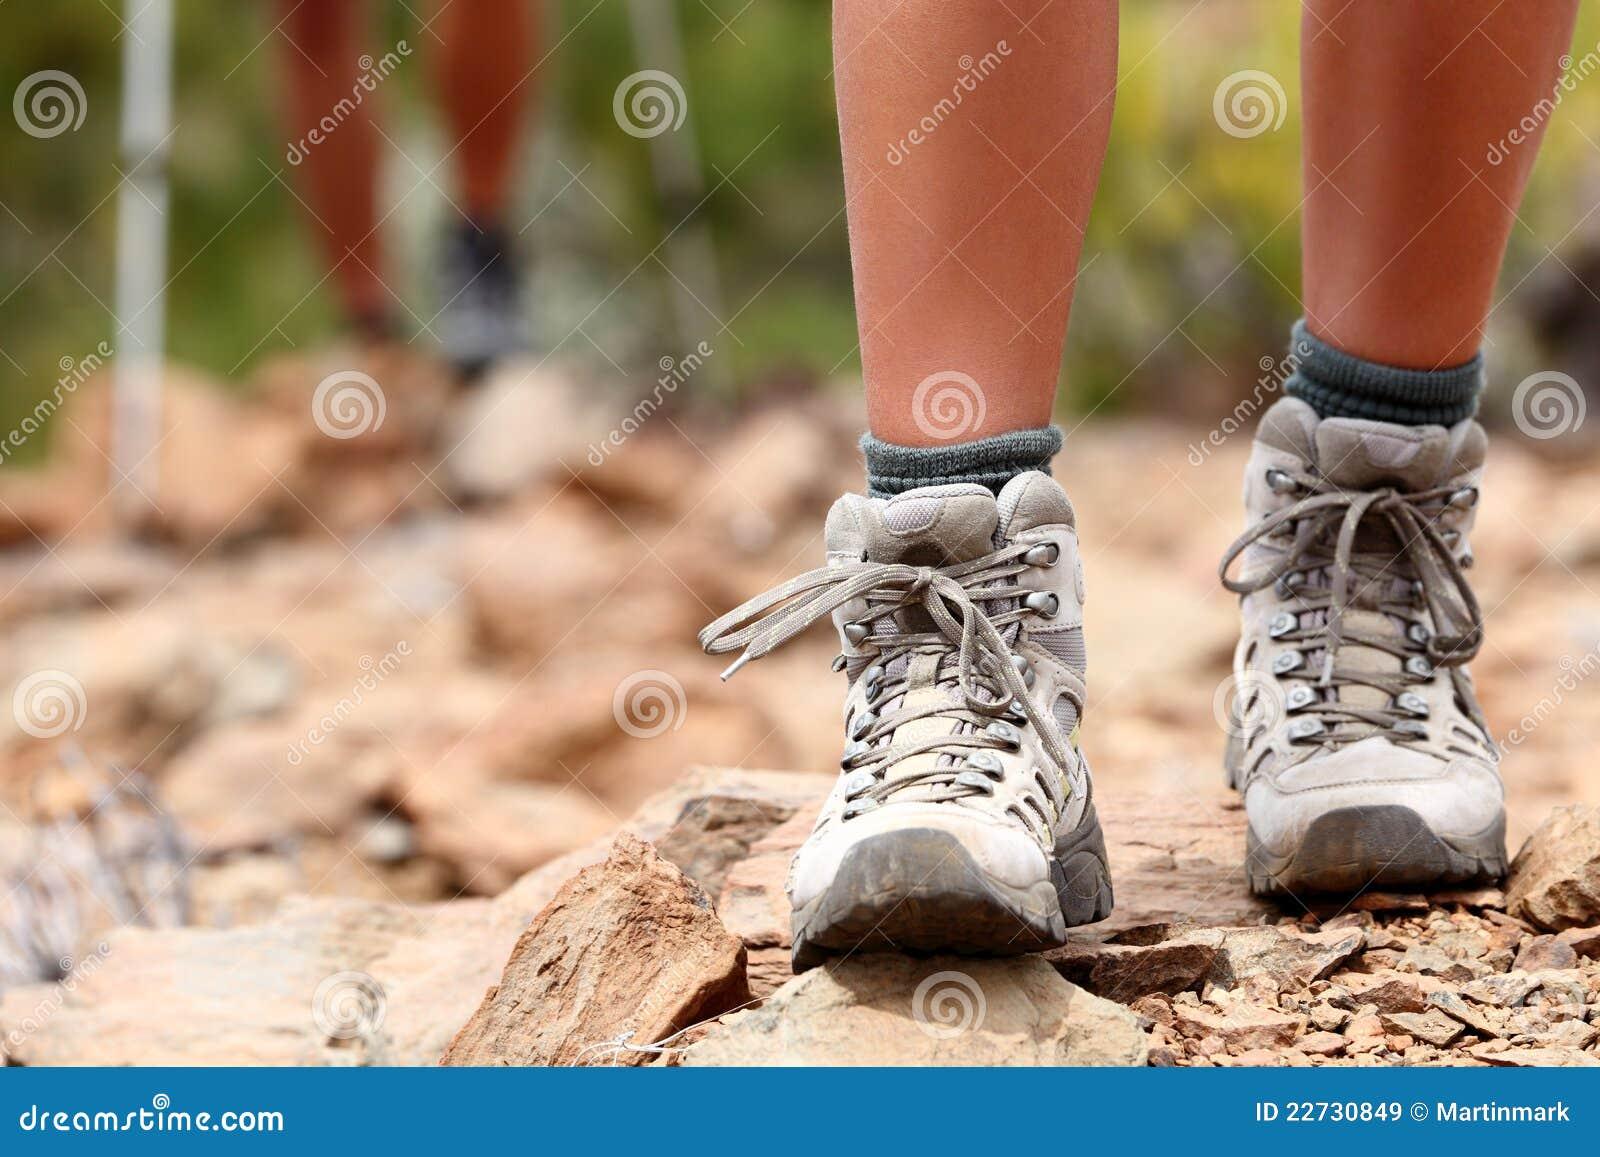 De schoenen van de wandeling